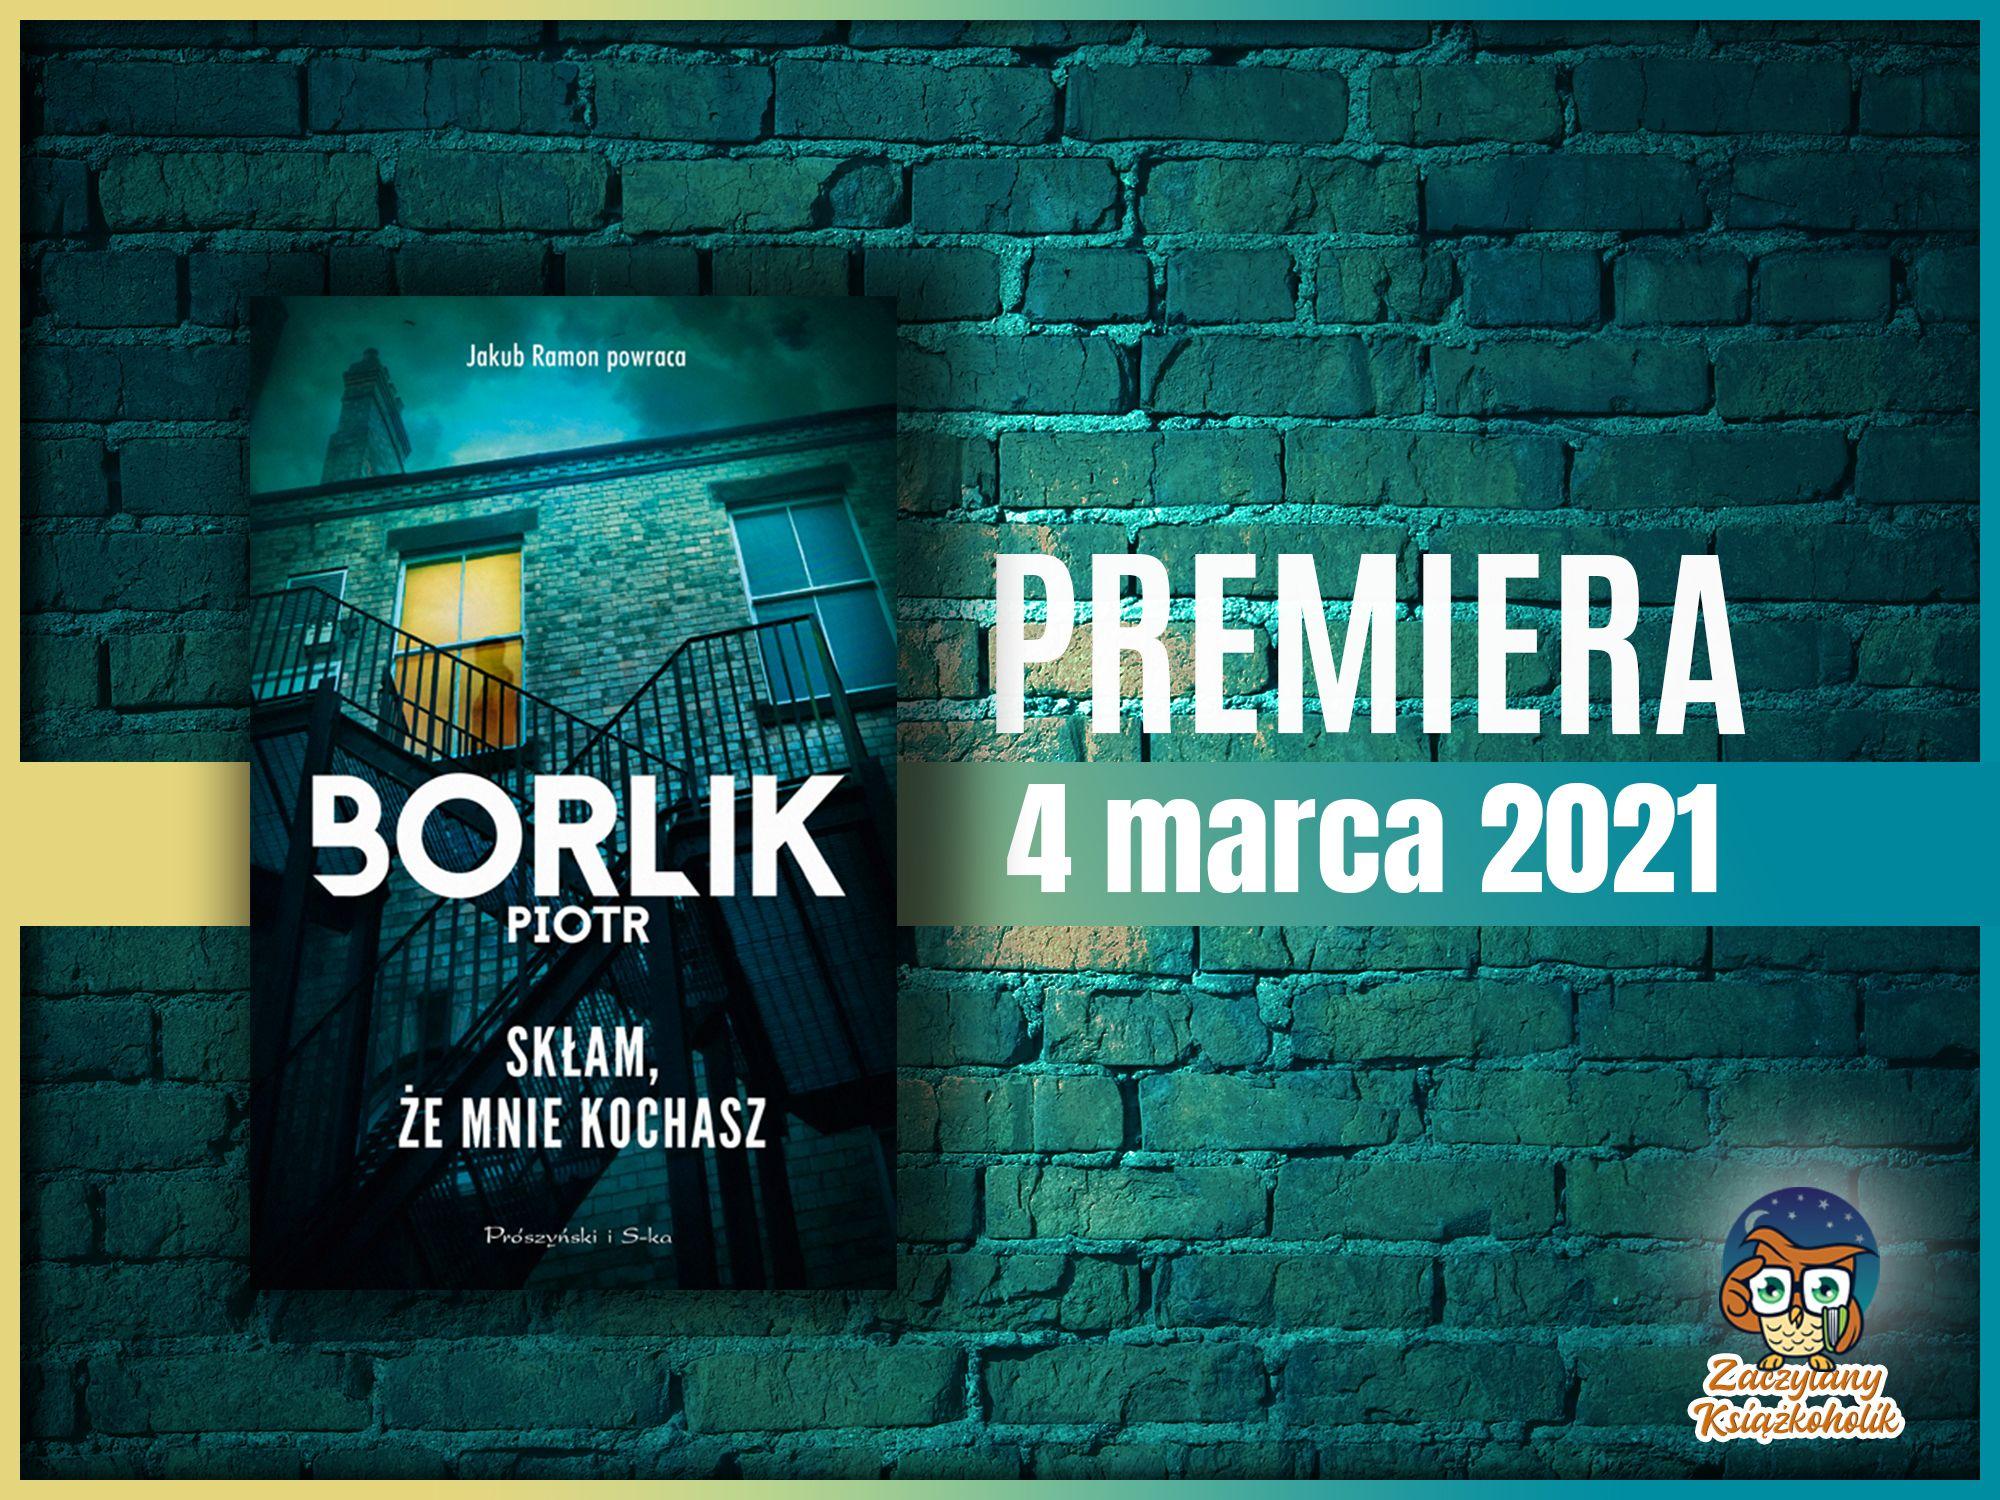 Skłam, że mnie kochasz, Piotr Borlik, zaczytanyksiazkoholik.pl